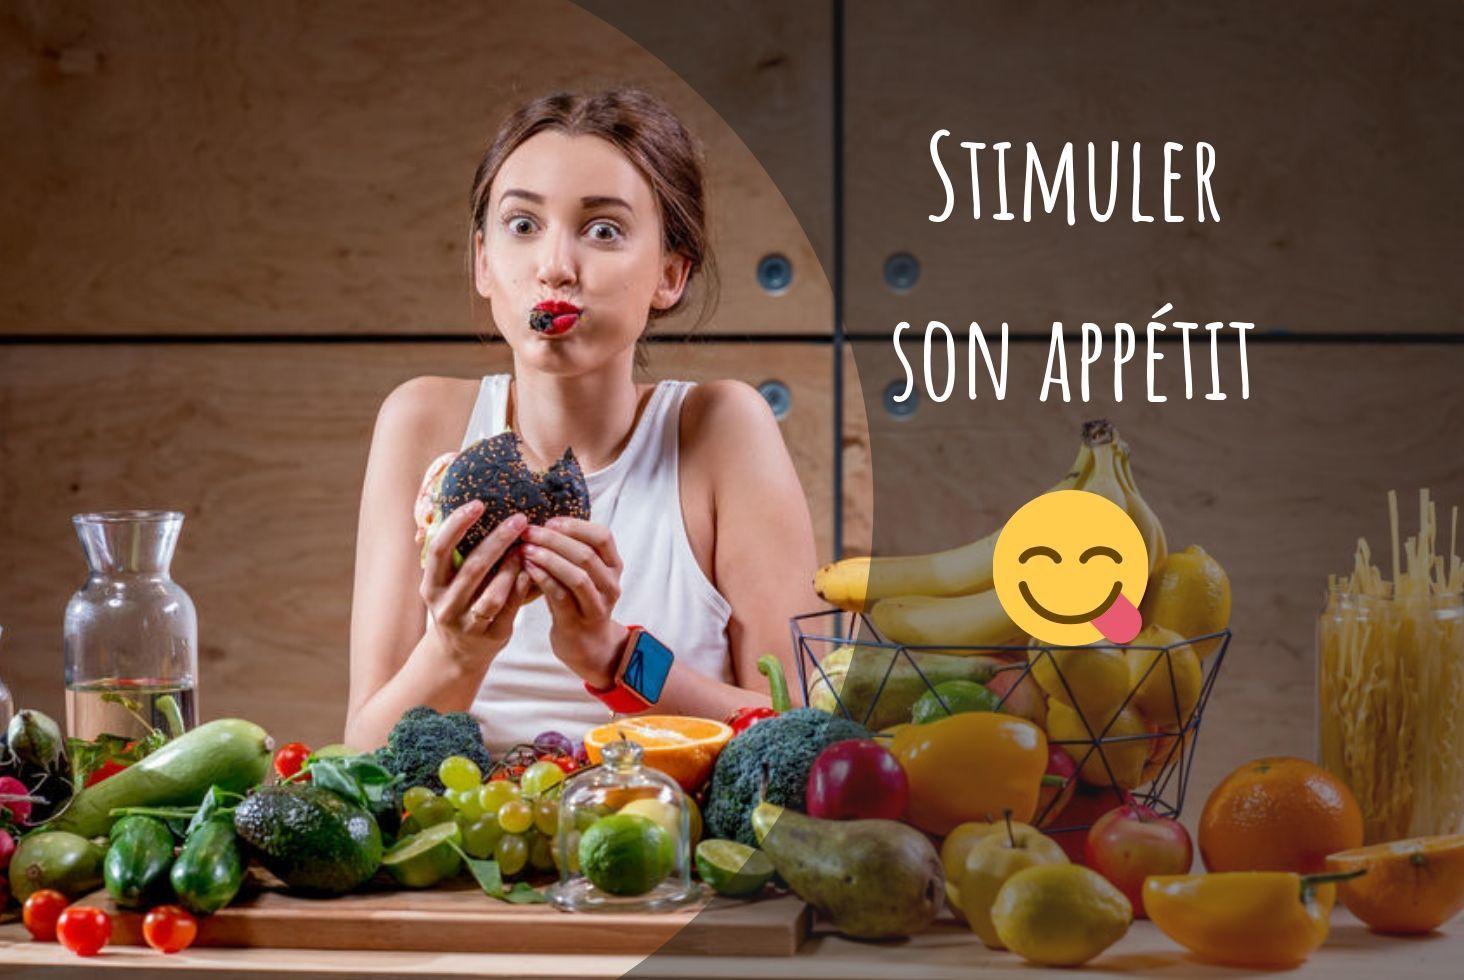 stimuler son appétit